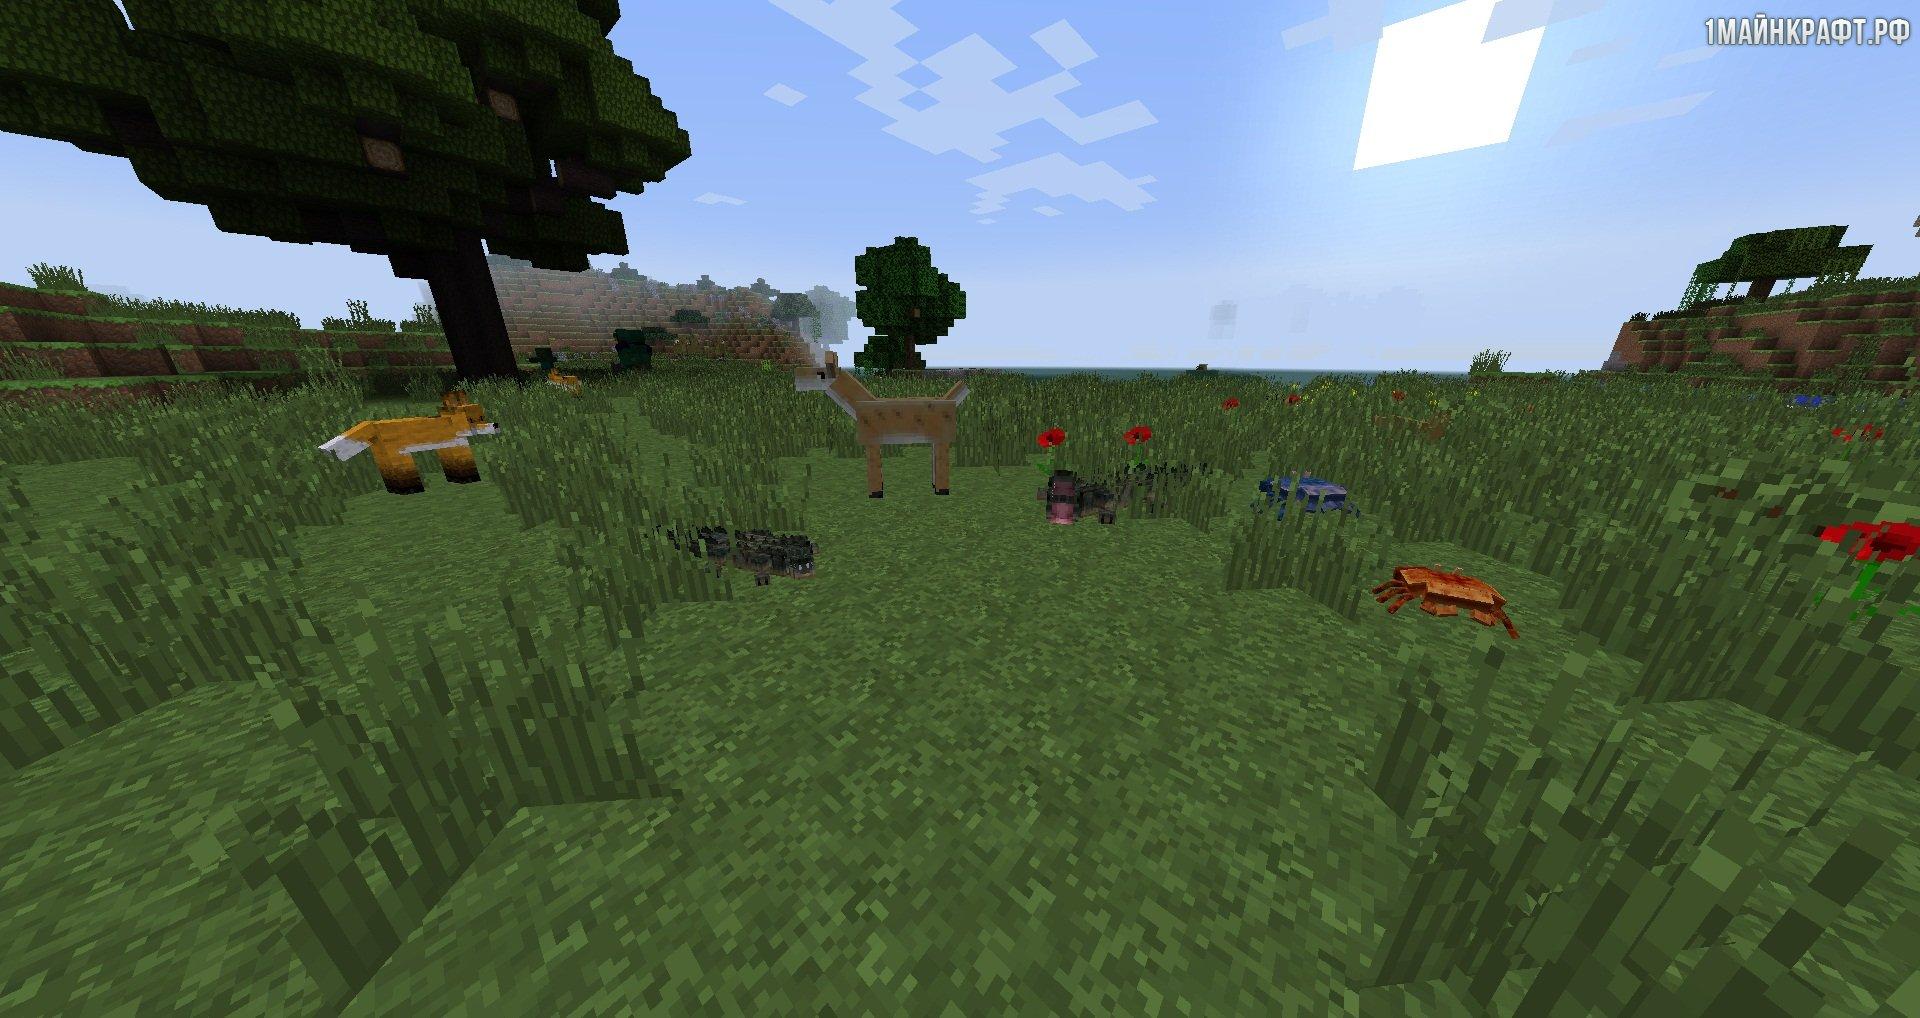 Скачать все для minecraft (майнкрафт) карта на прохождение ...